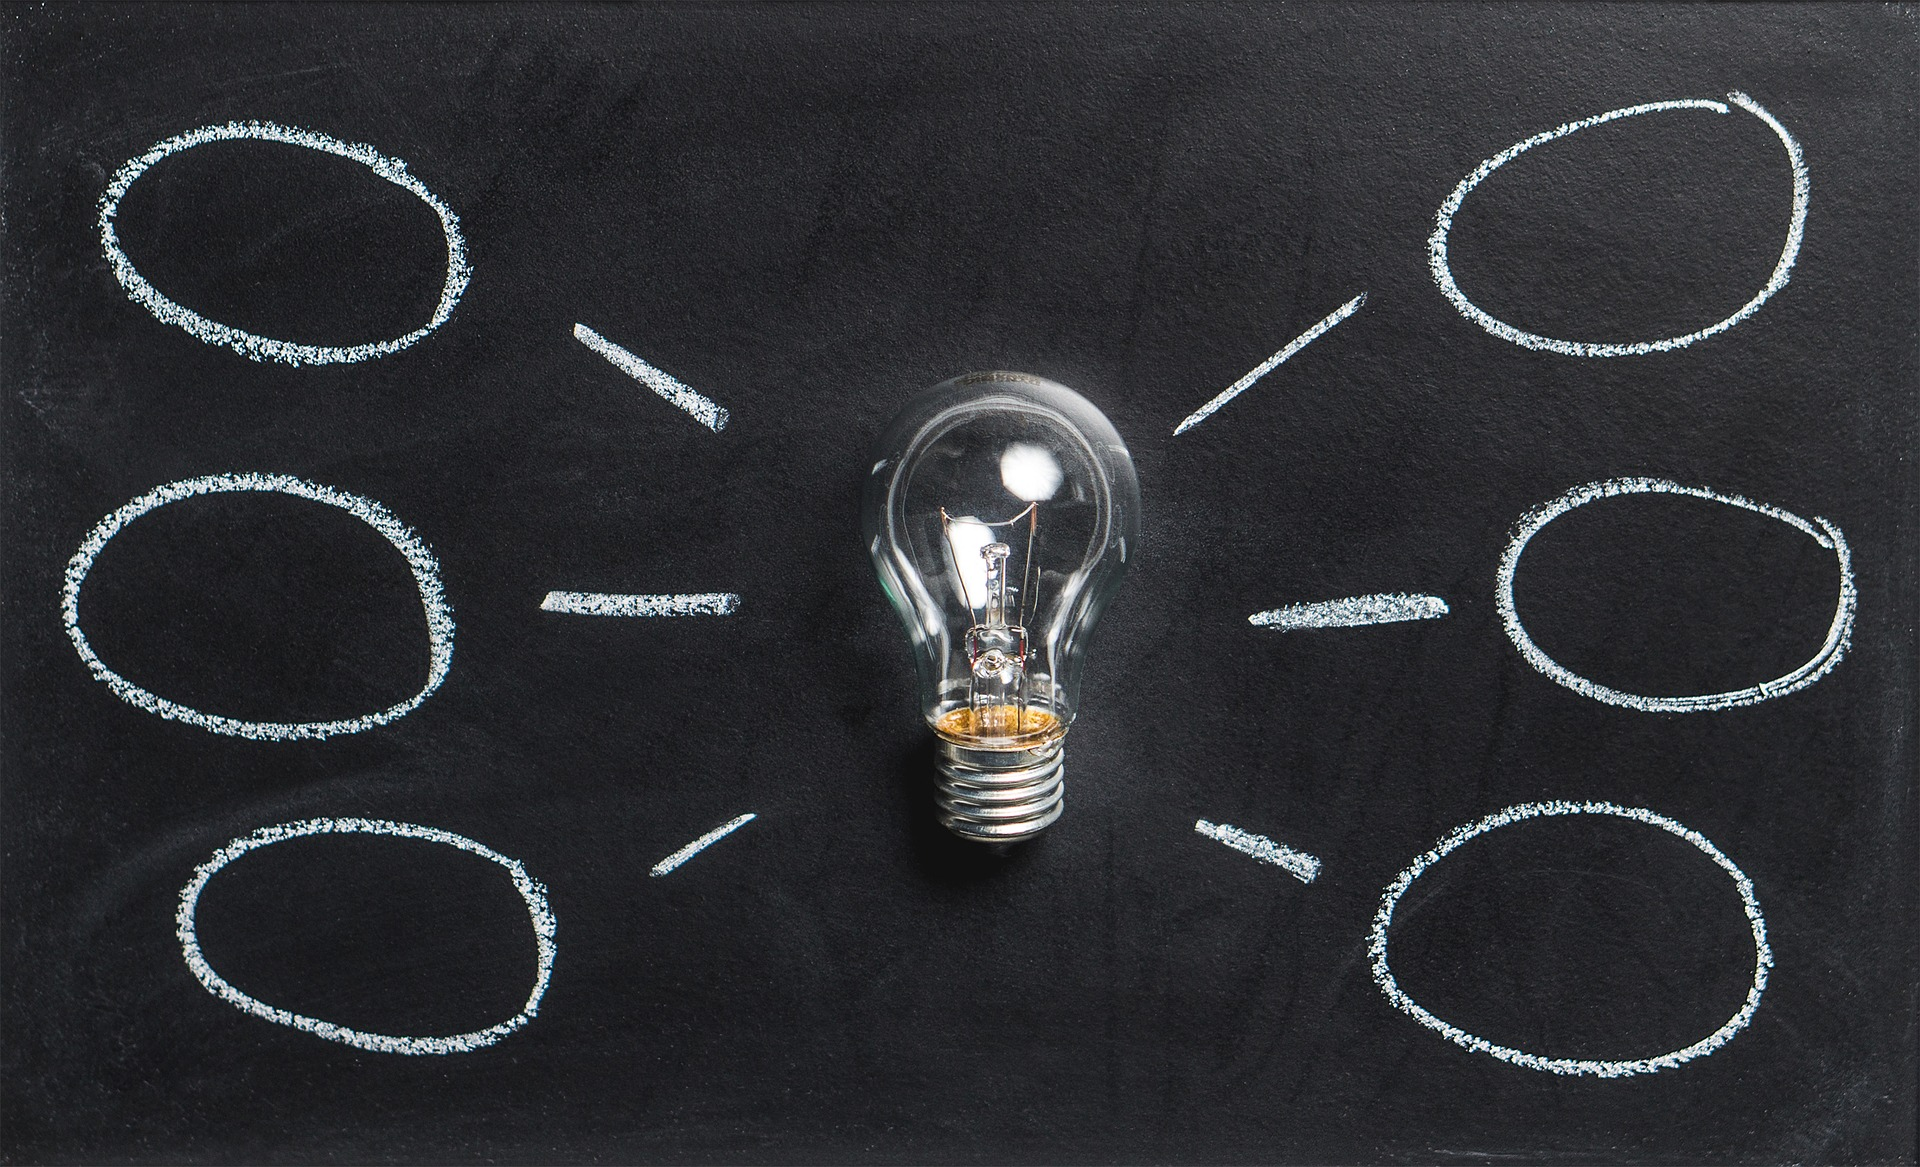 Ampoule posée sur un tableau noir entourée par des bulles dessinées à la craie blanche